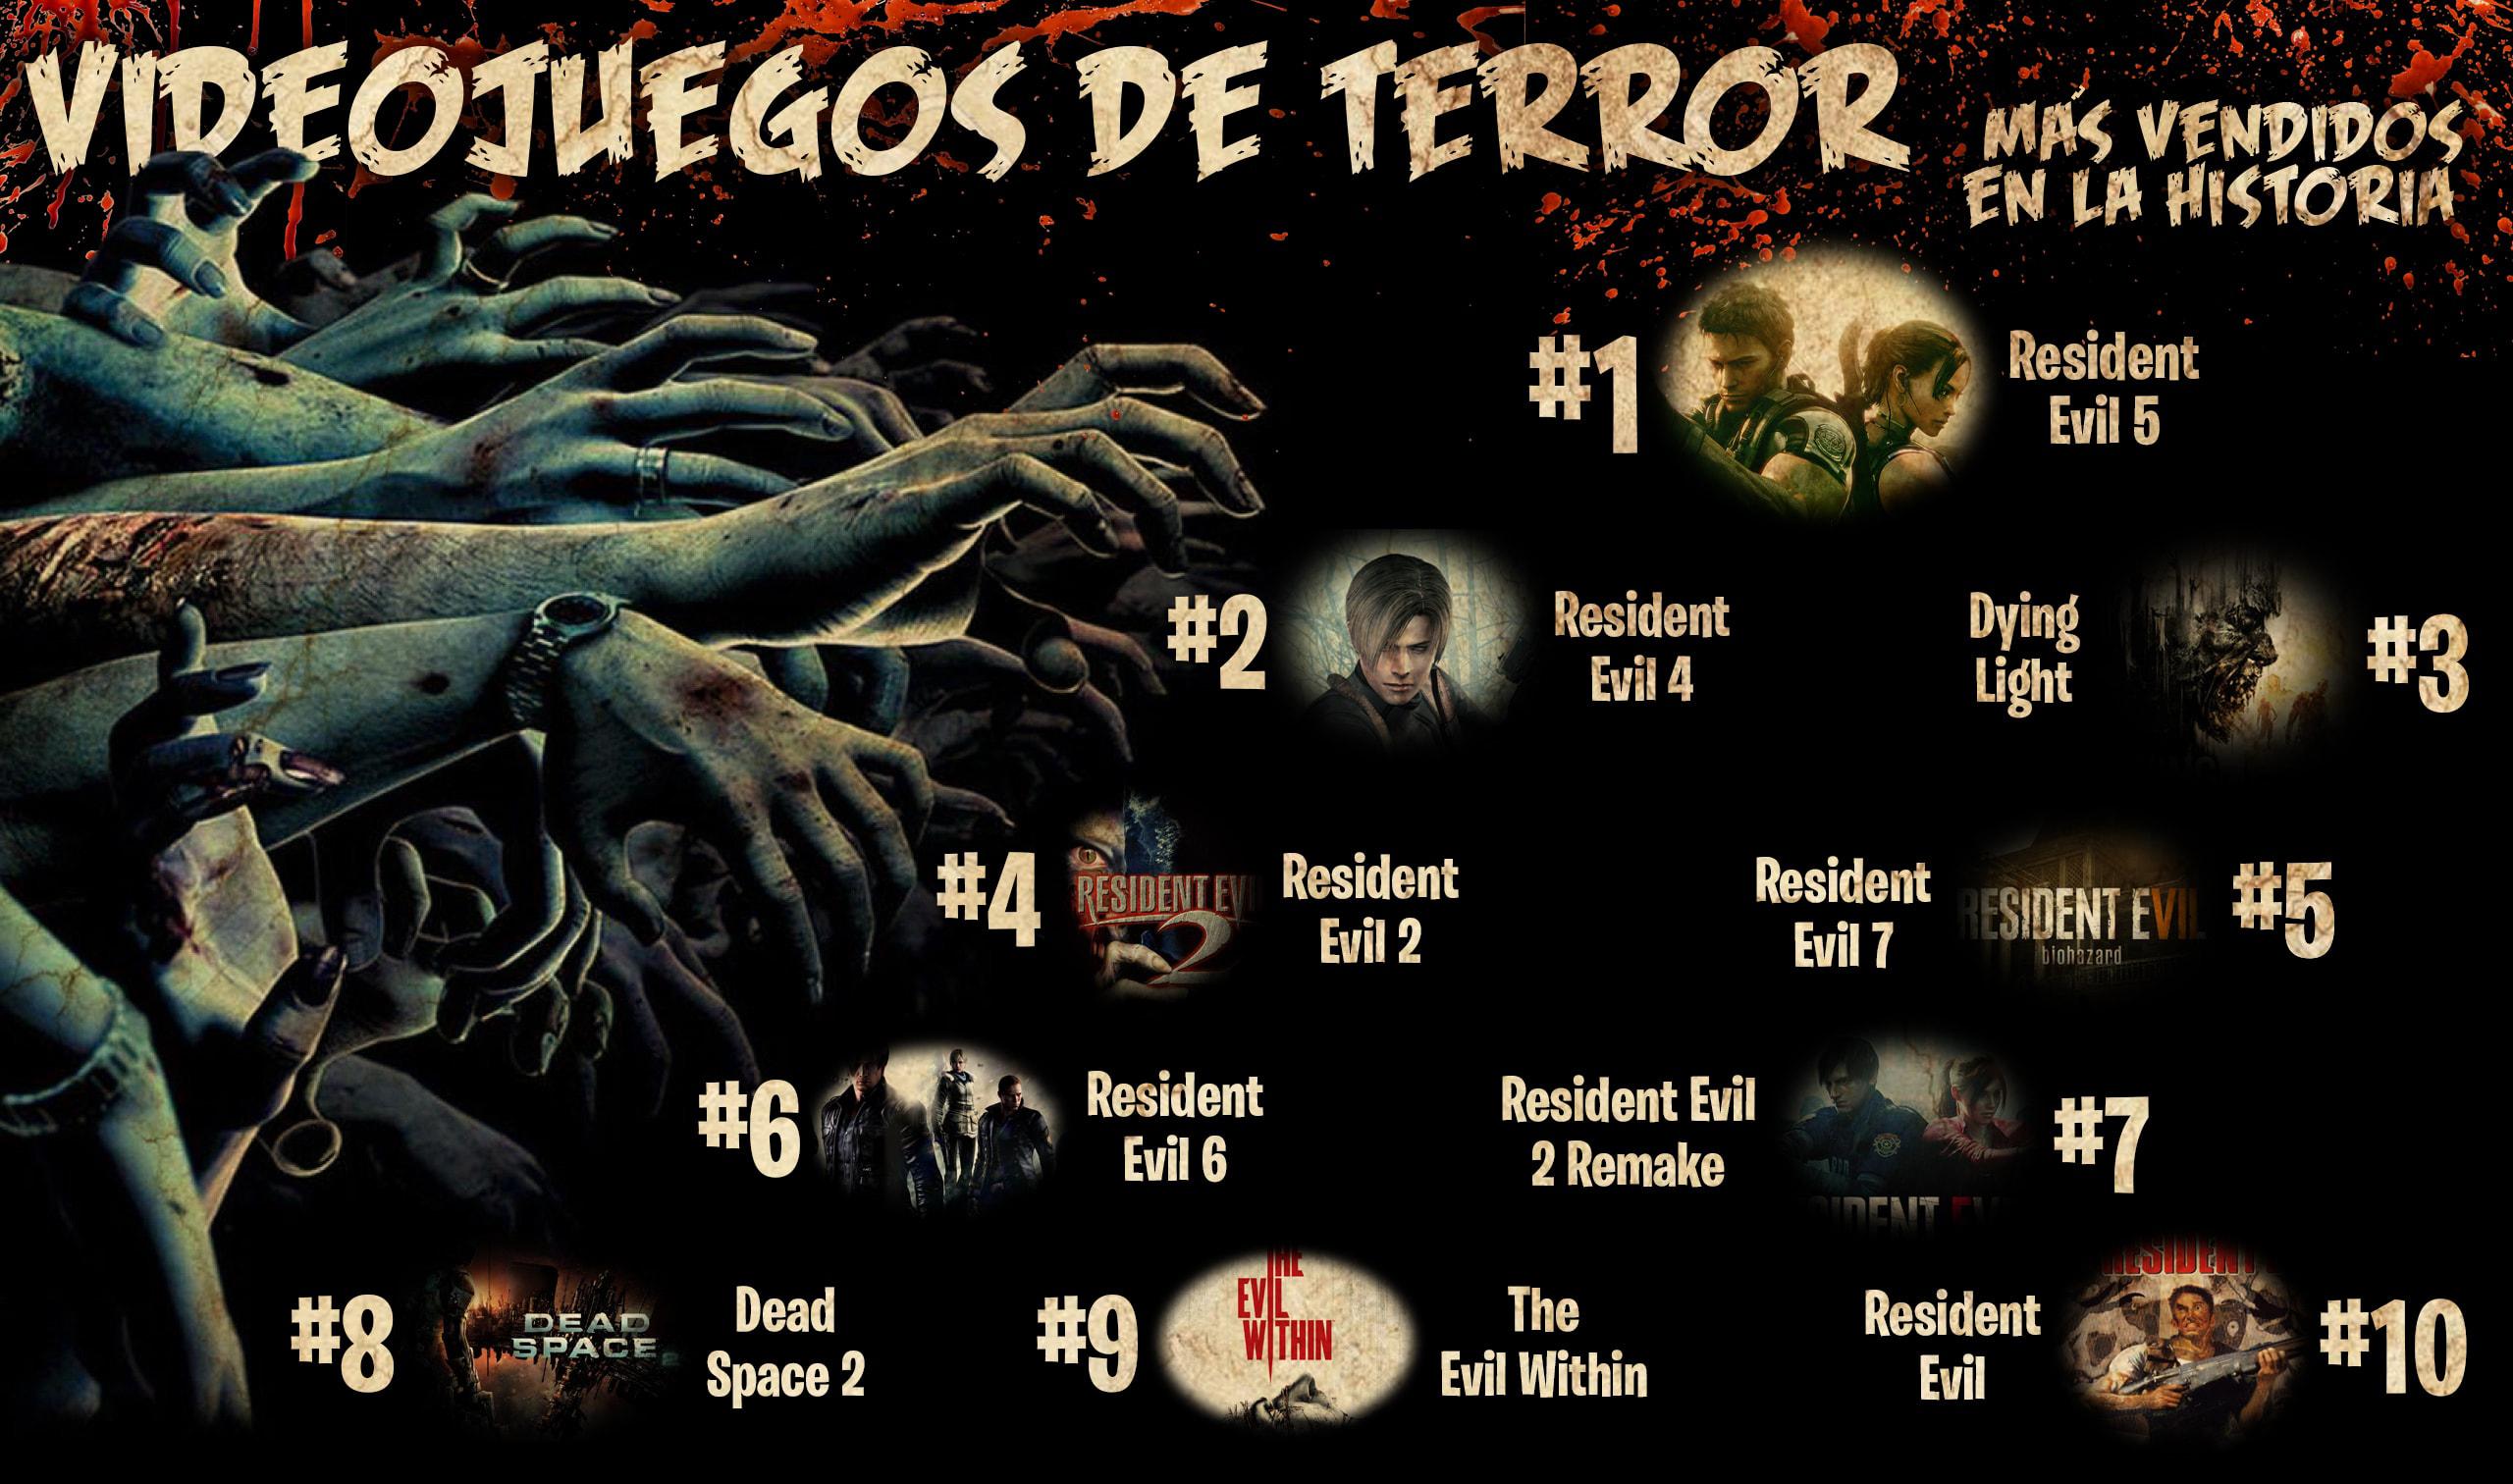 Los videojuegos de terror más vendidos en la historia (Infografía)